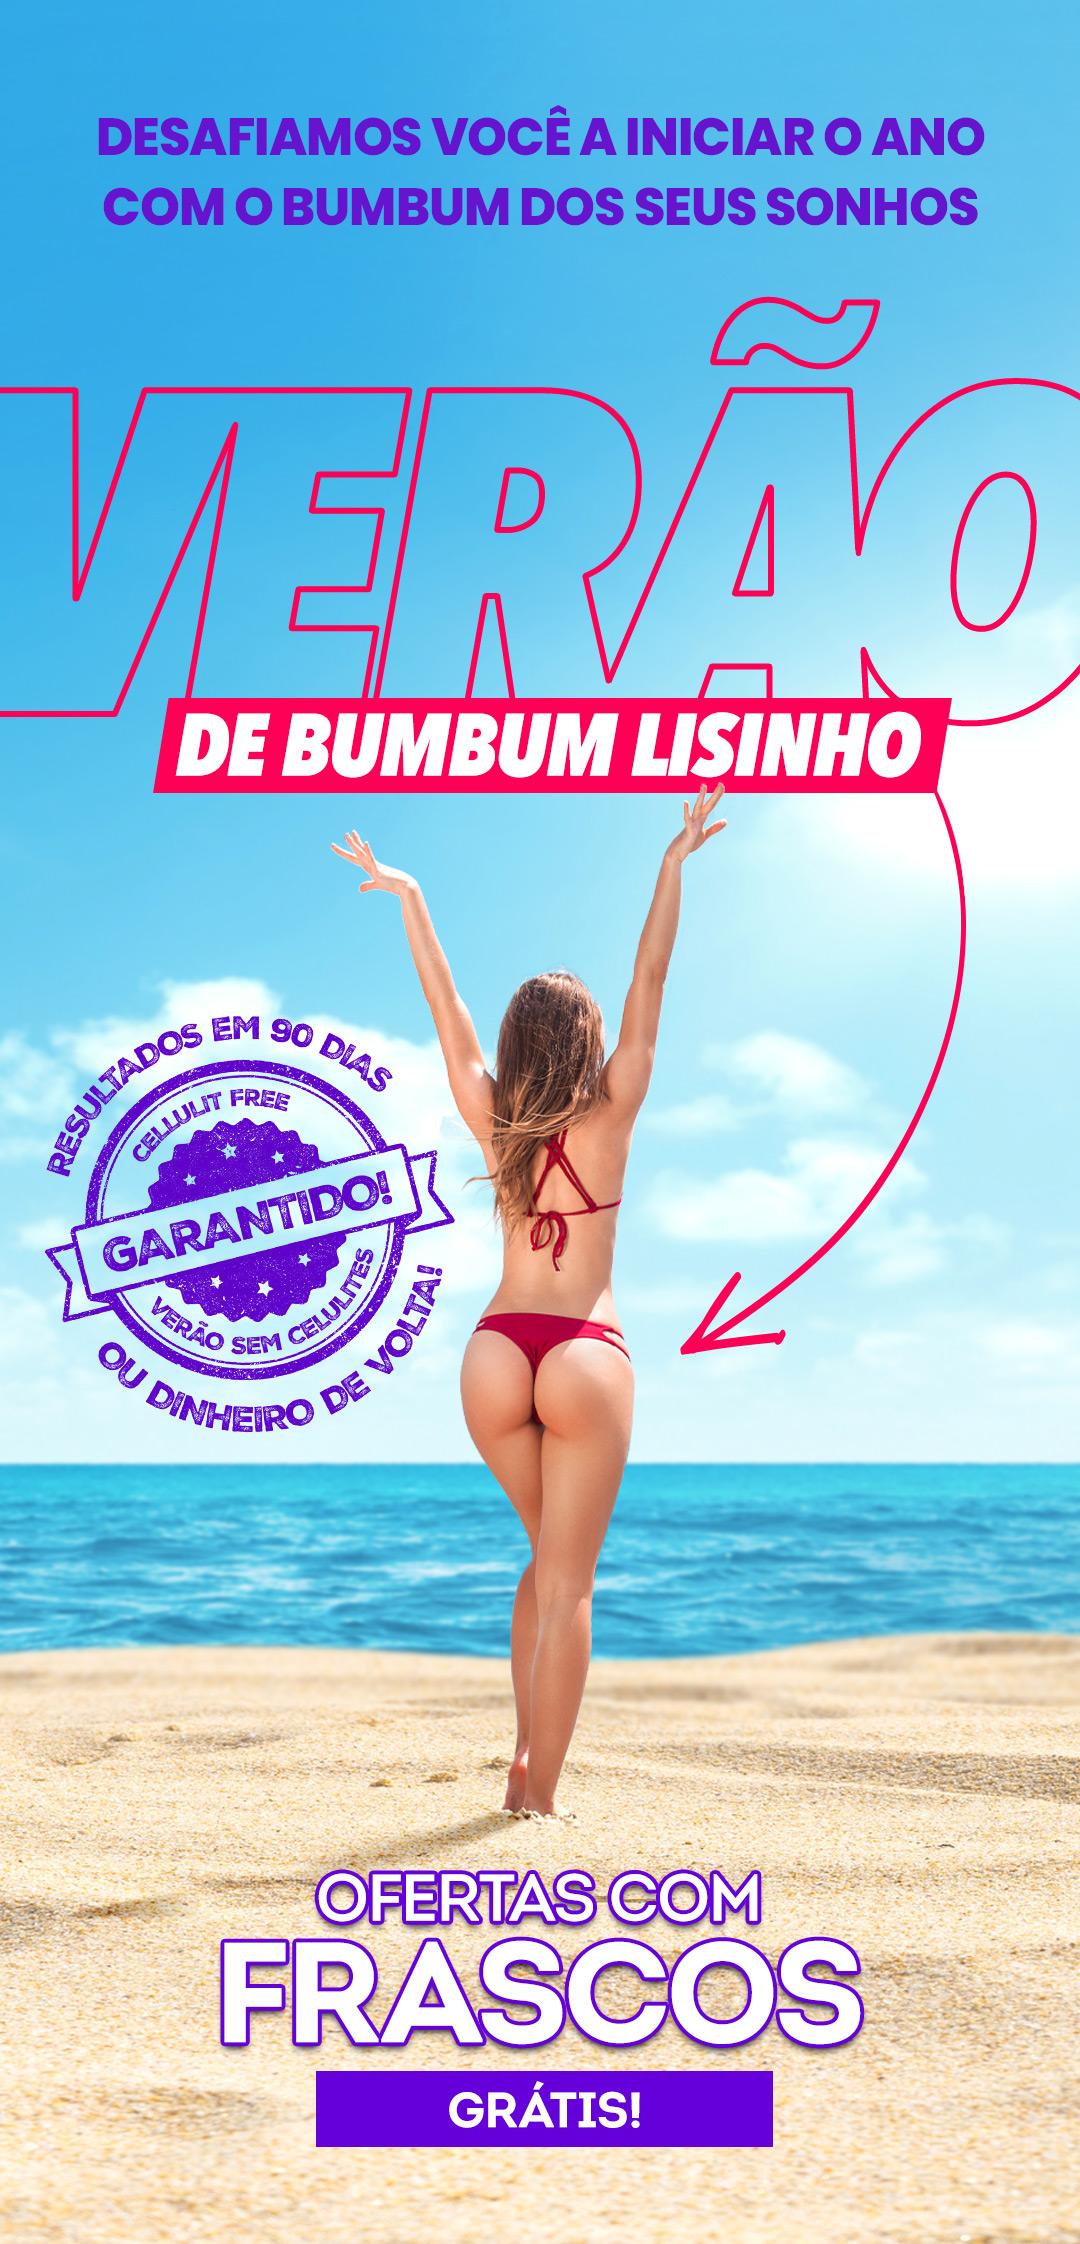 verao2021-mob2